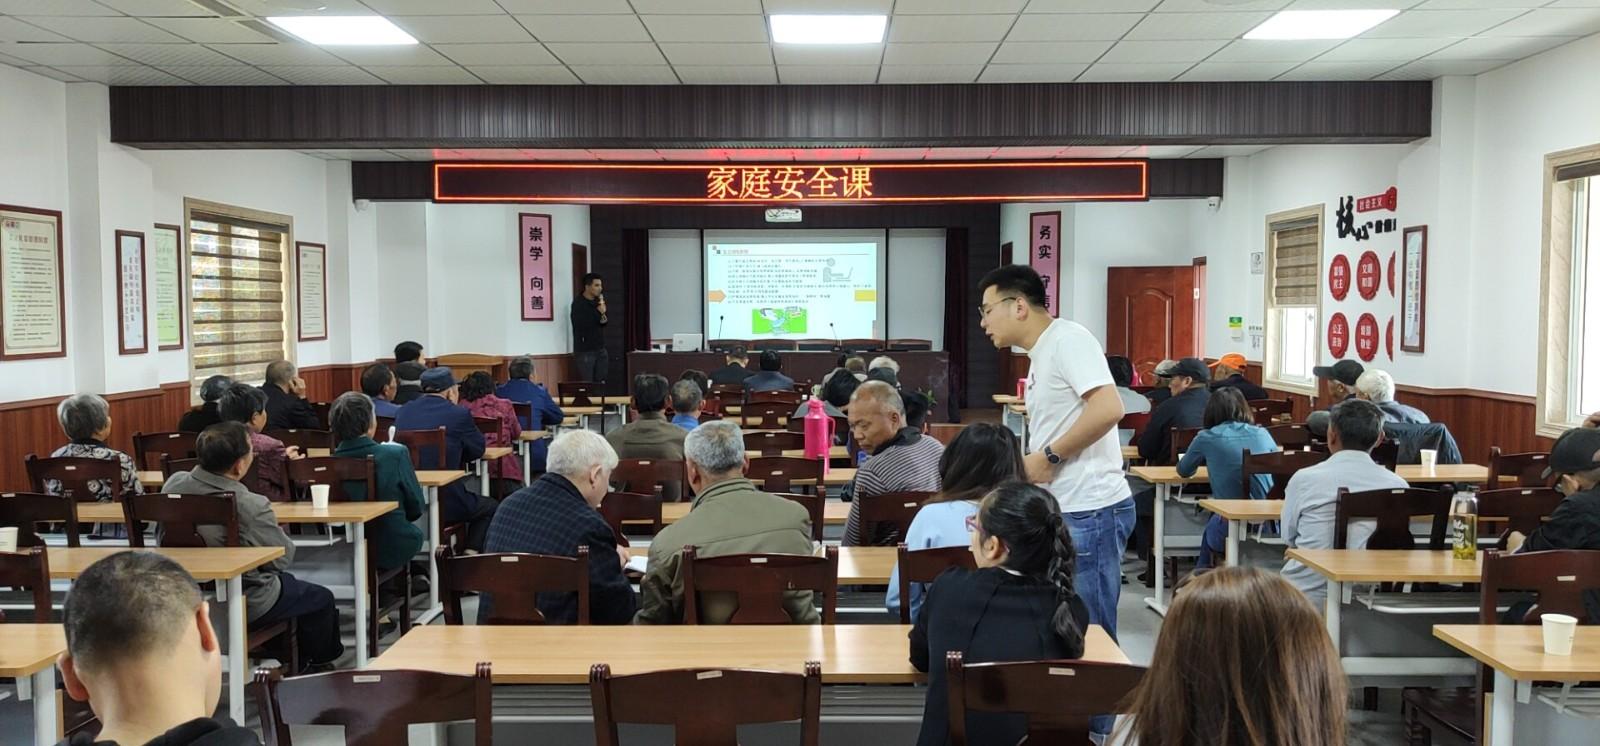 http://www.goschool.org.cn/d/file/64121579.jpg